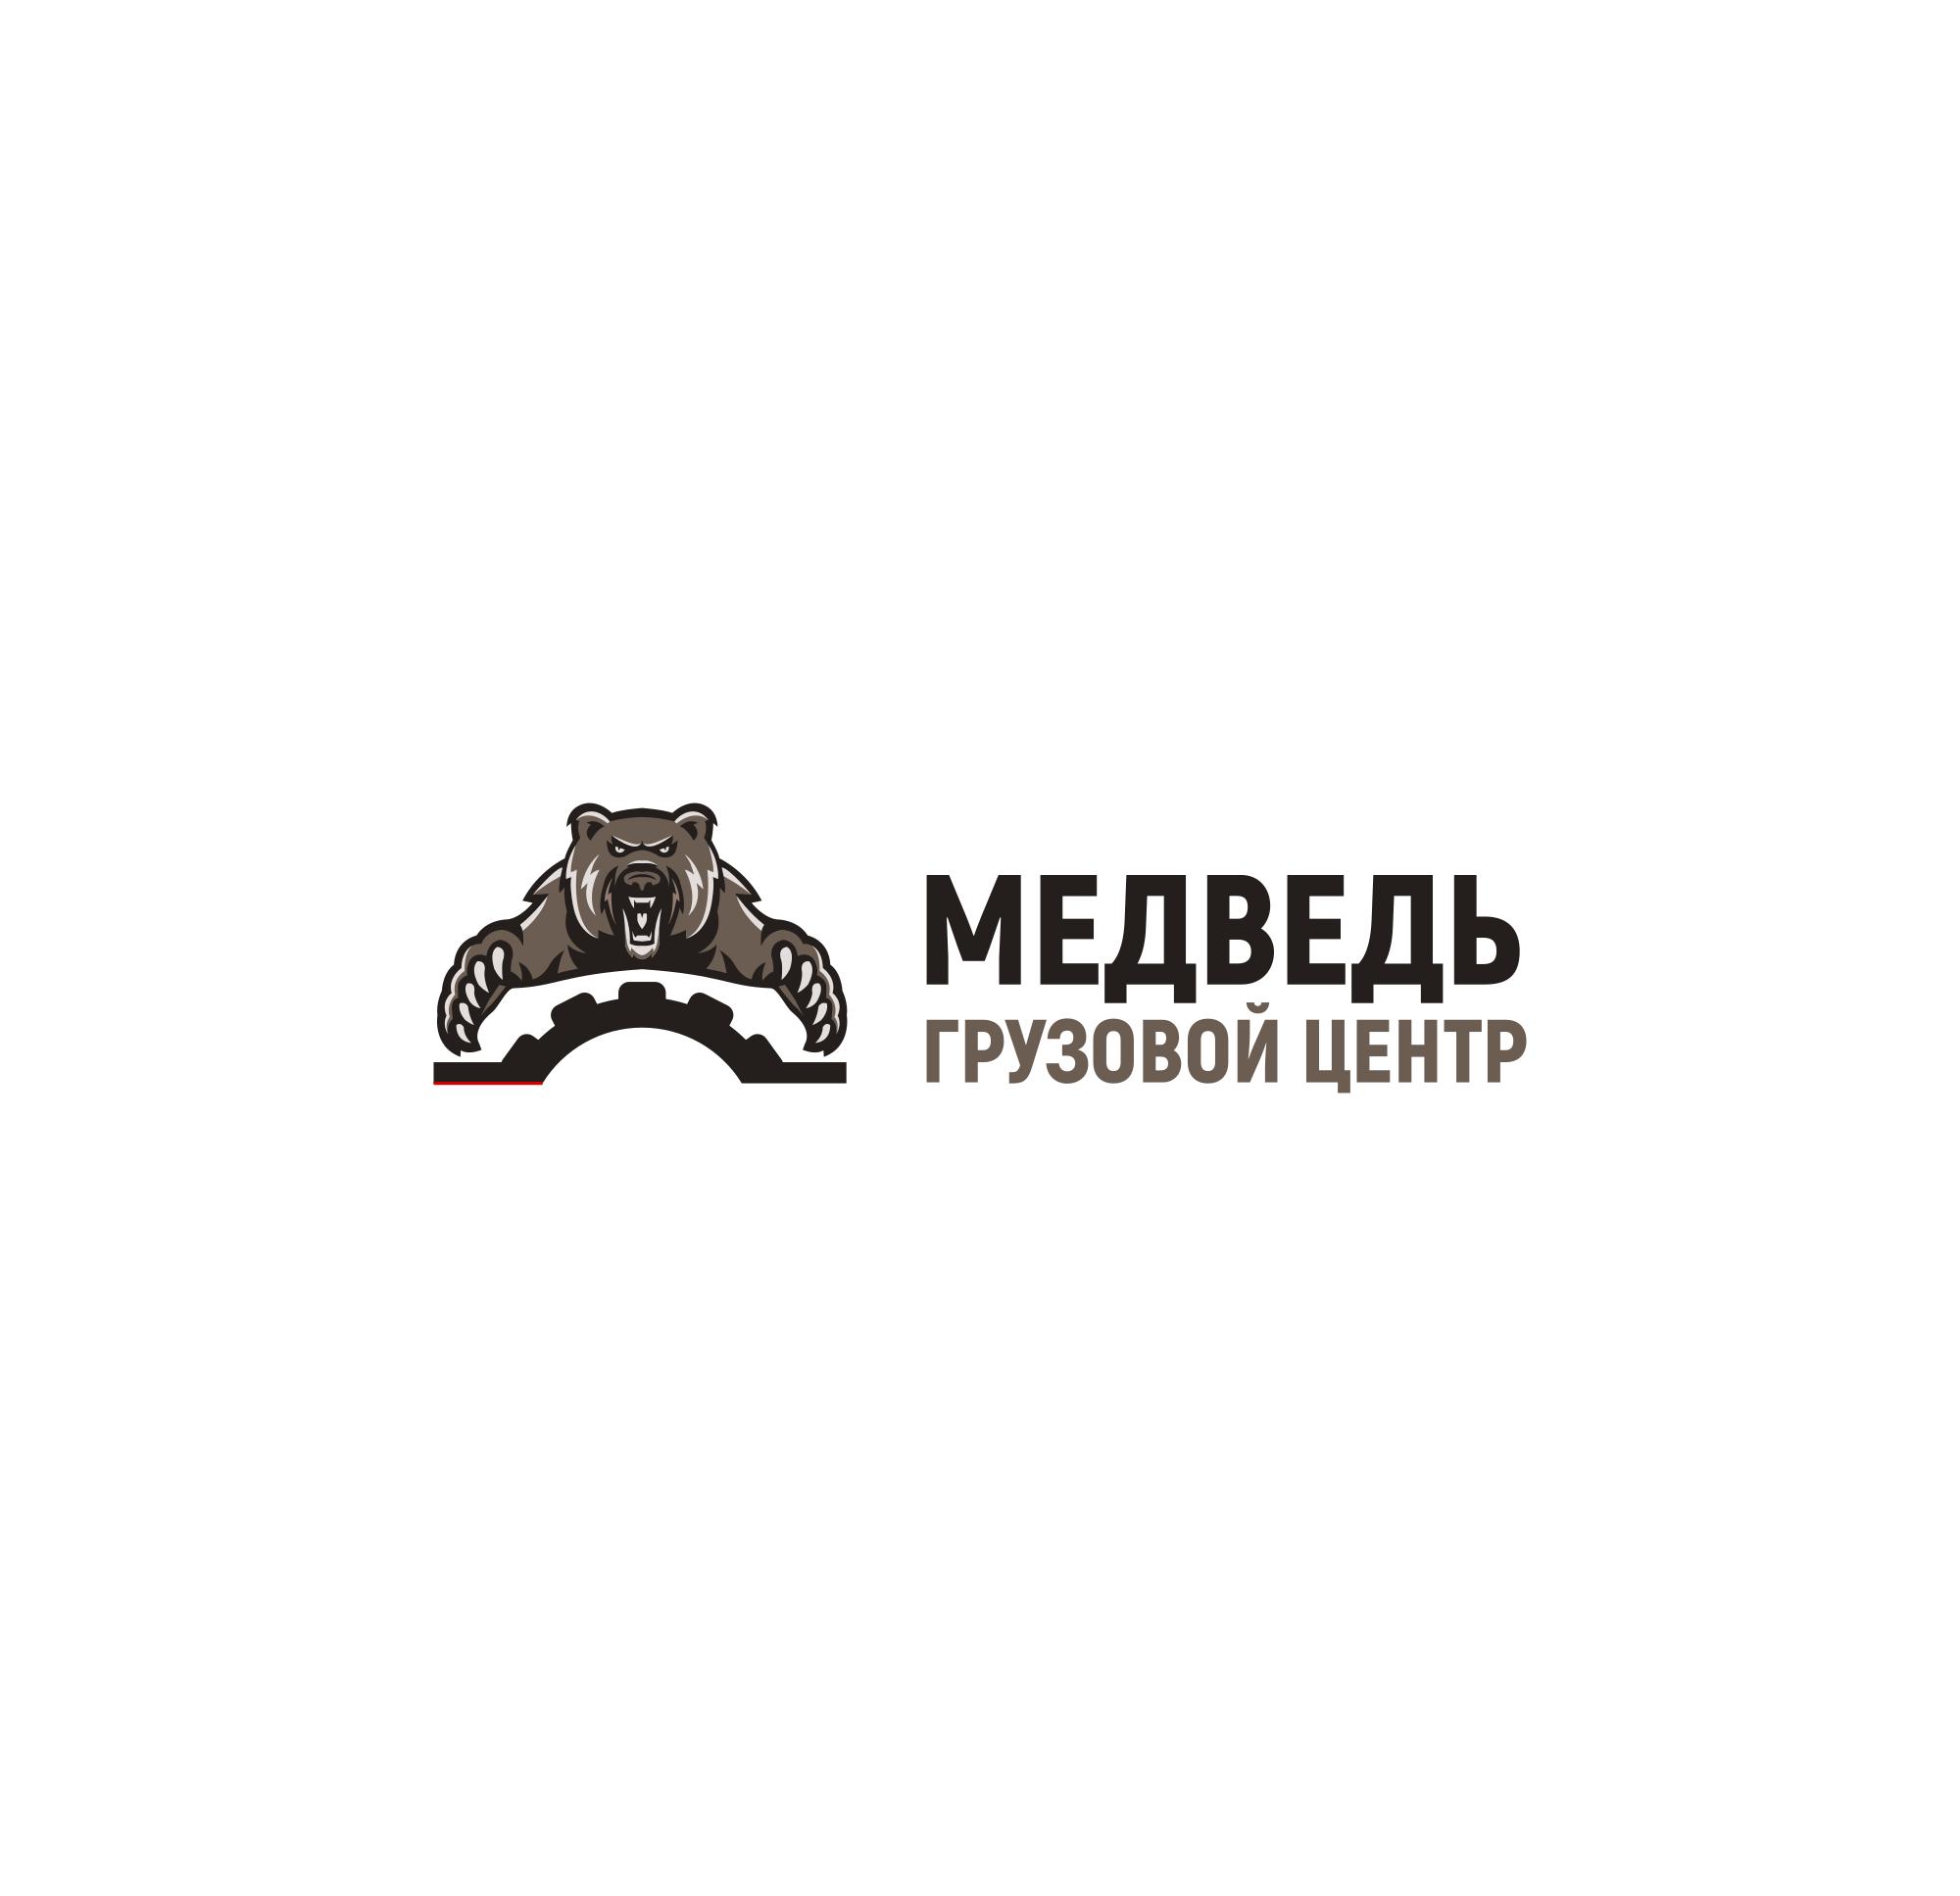 Разработка логотипа фото f_3495aba38859e716.png